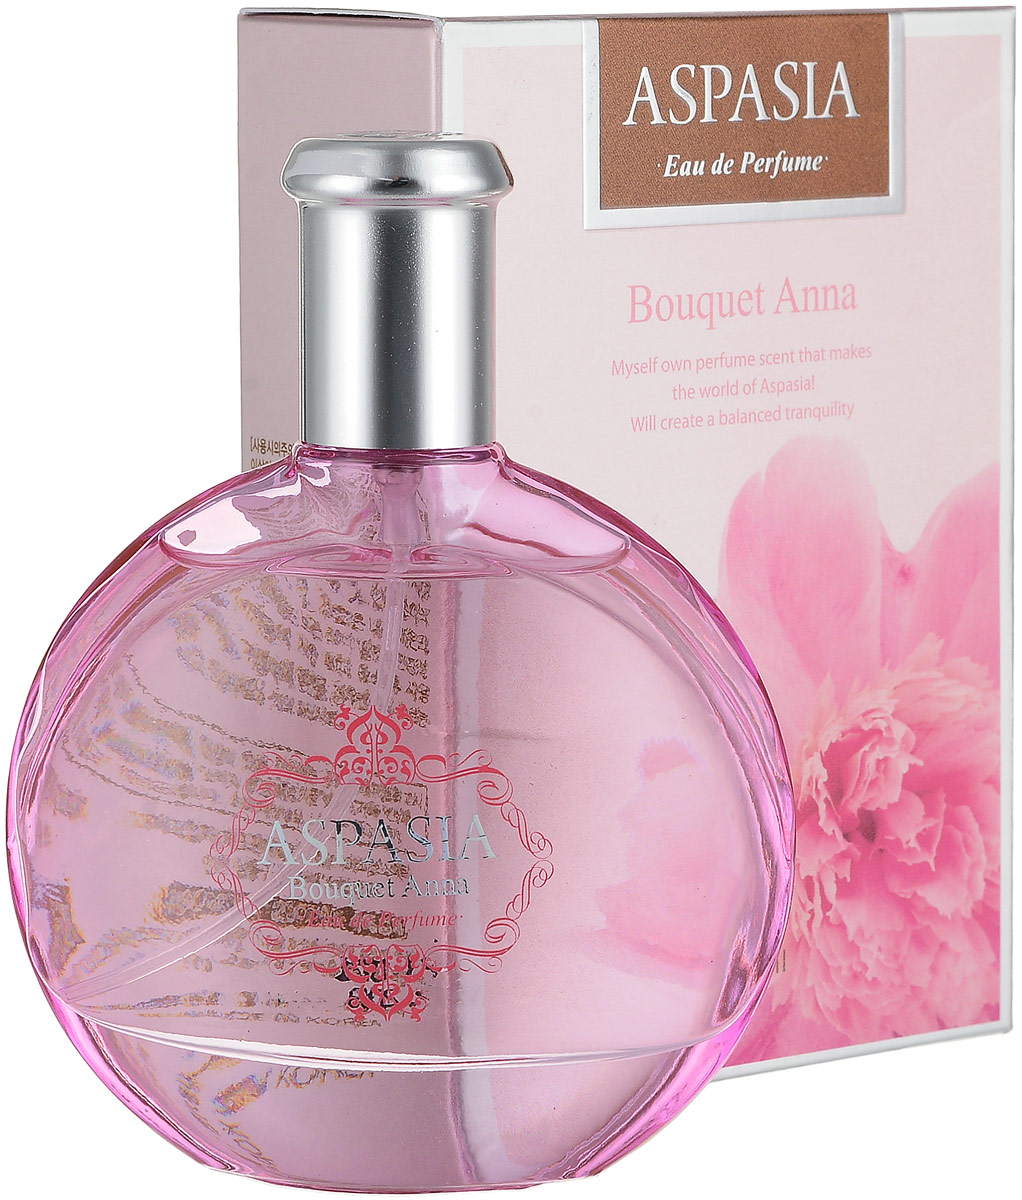 Aspasia туалетная вода, женская Eu de parfume Bouquet Anna, 50 мл281575Верхние ноты: бергамот, апельсин, зелень, озонСрединные ноты: роза, ирис, жасмин, полевая лилияБазовые ноты: сандаловое дерево, кедр, амбра, тонка